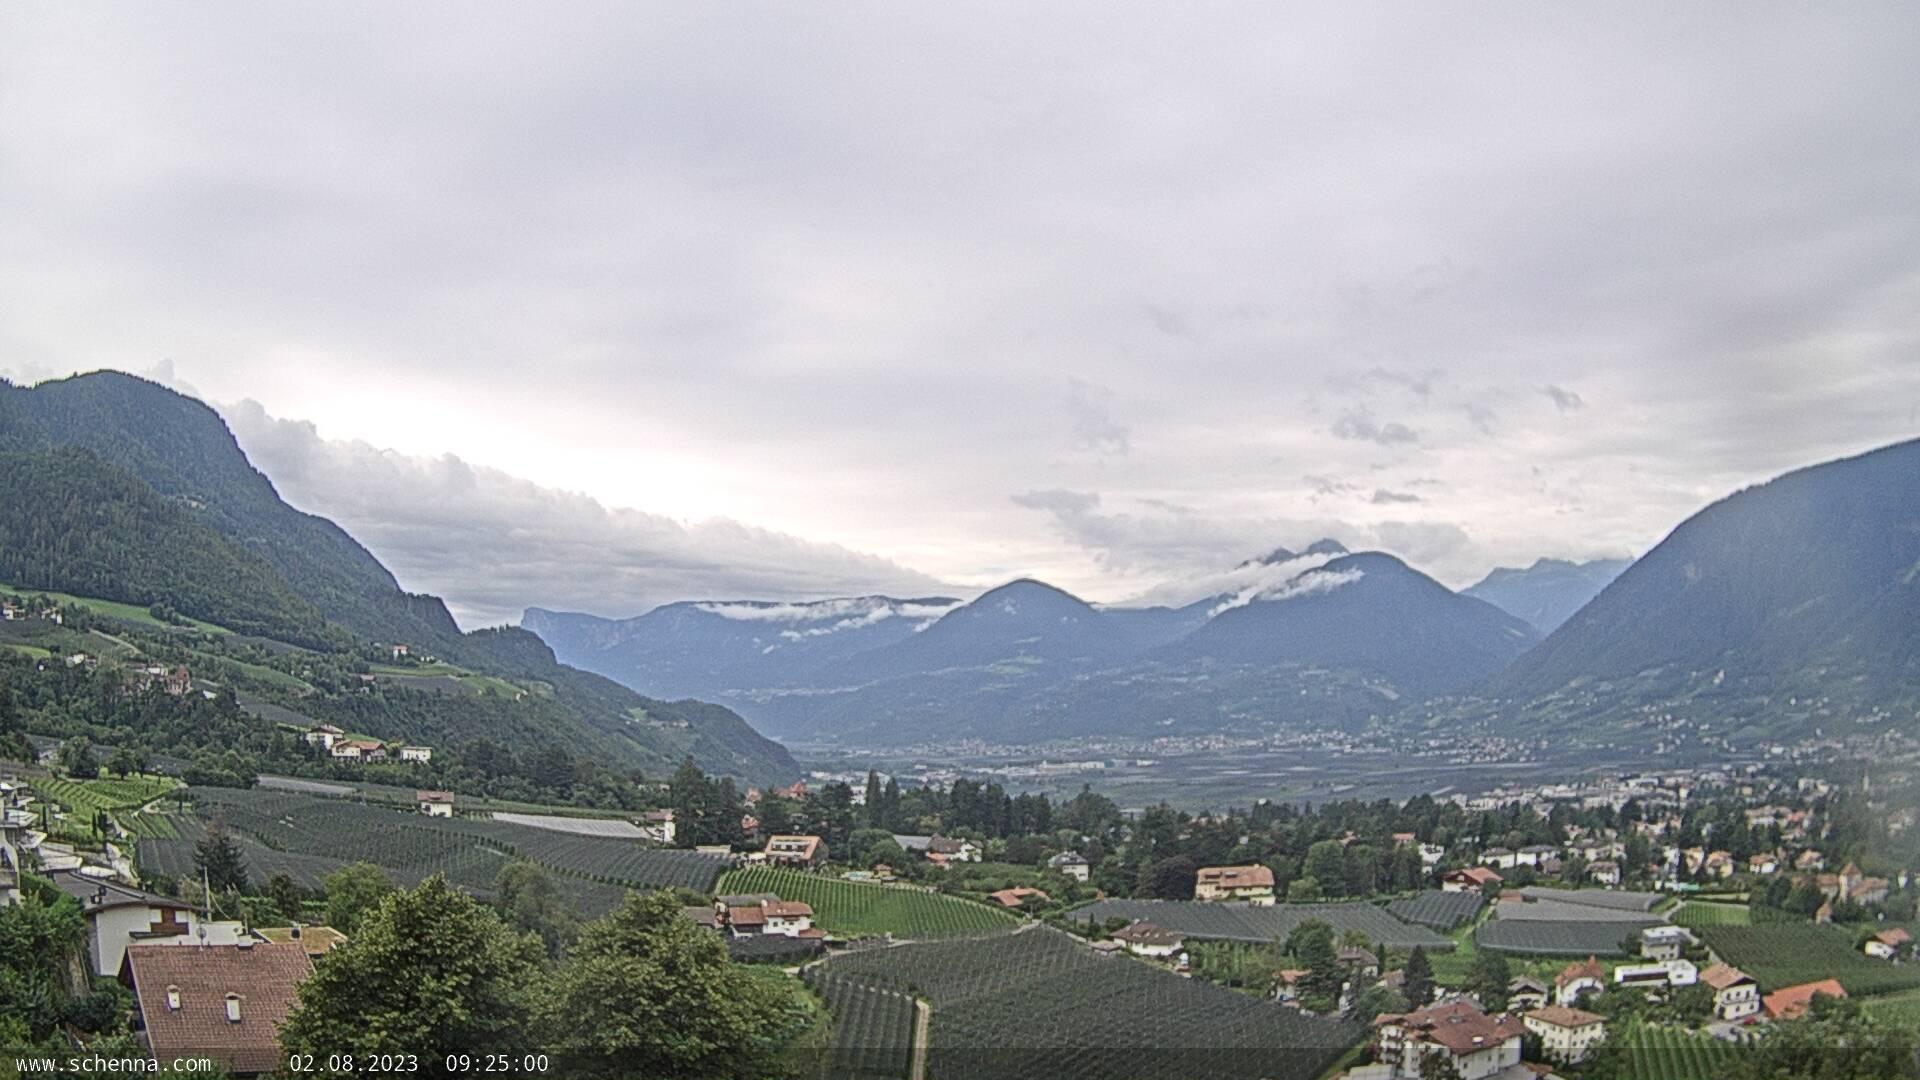 Lido di Scena – piscina pubblica panoramica - Vista su Merano e Val d'Adige, in fondo Monte Luco